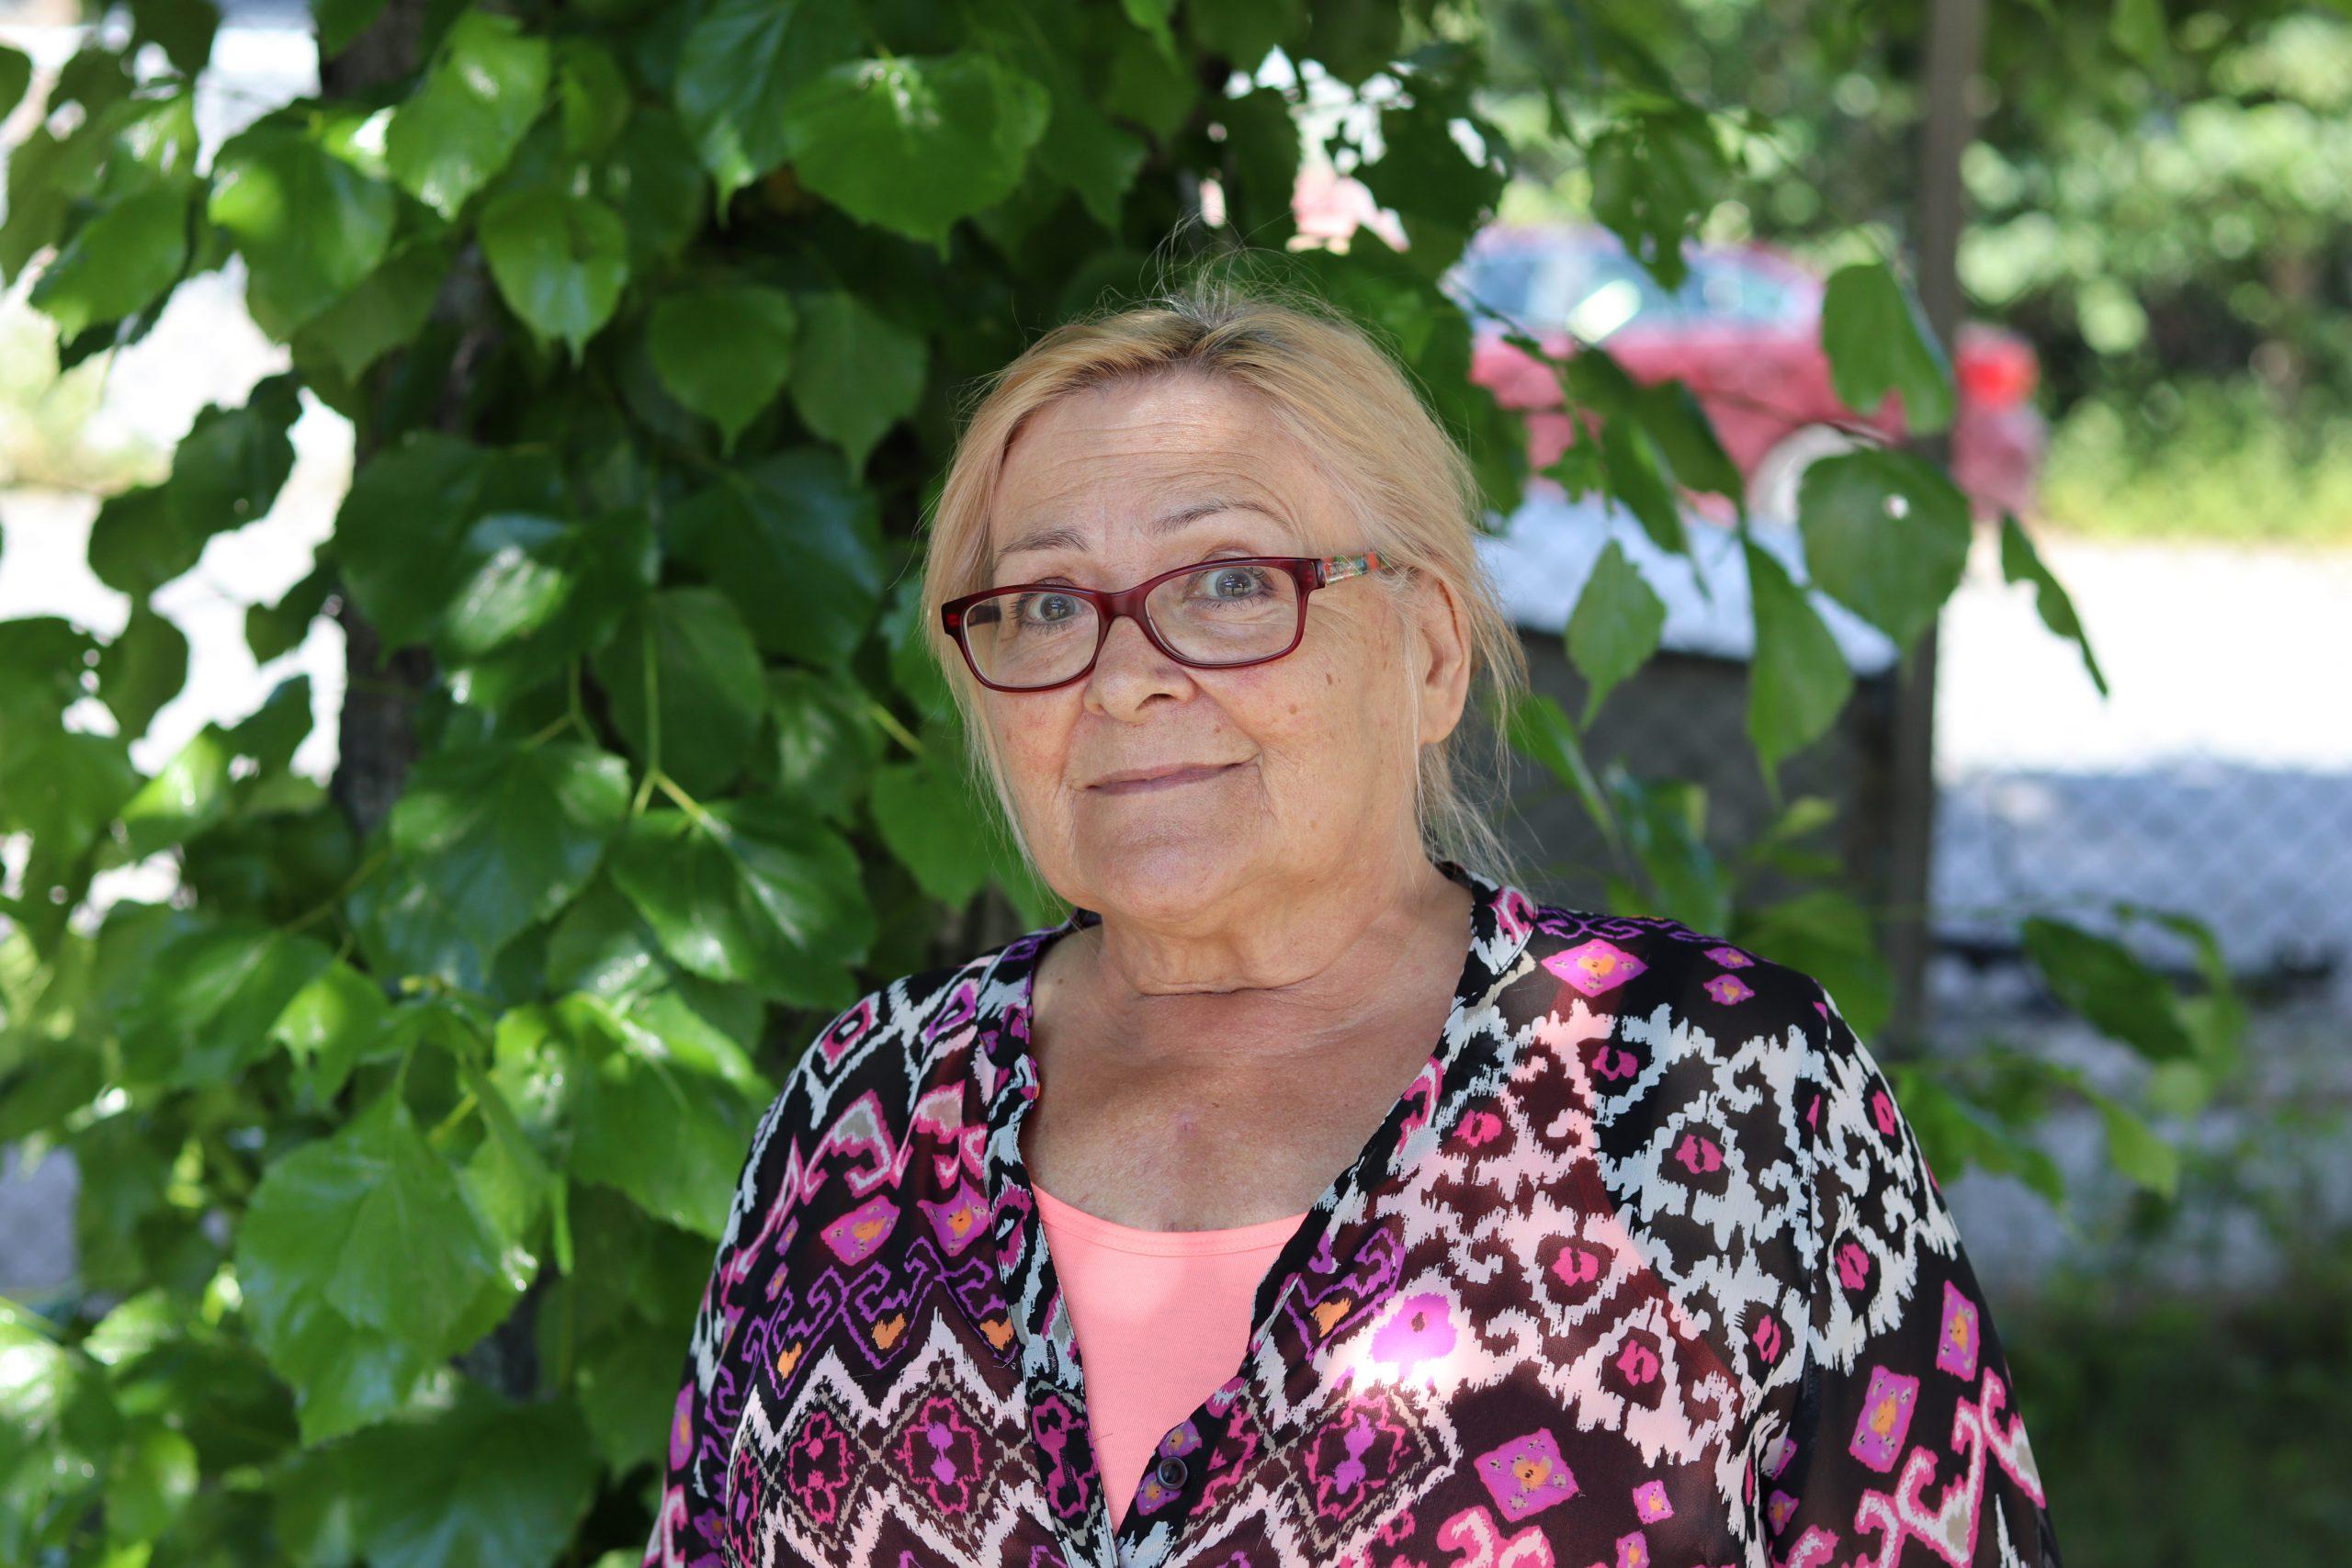 Renee Honkanen